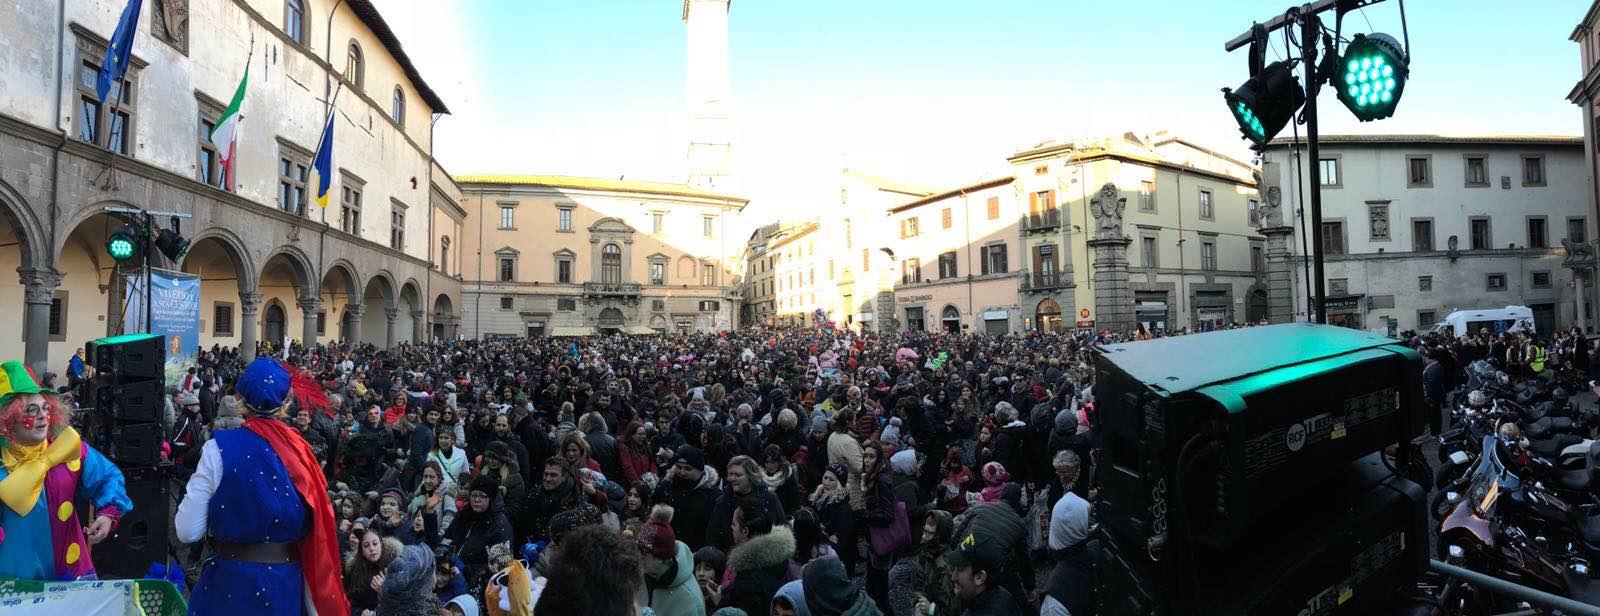 Carnevale viterbese: festa di piazza con 10000 partecipanti e 3500 euro di spese, Matteucci dà un duro colpo alle rassegne a scopo di lucro